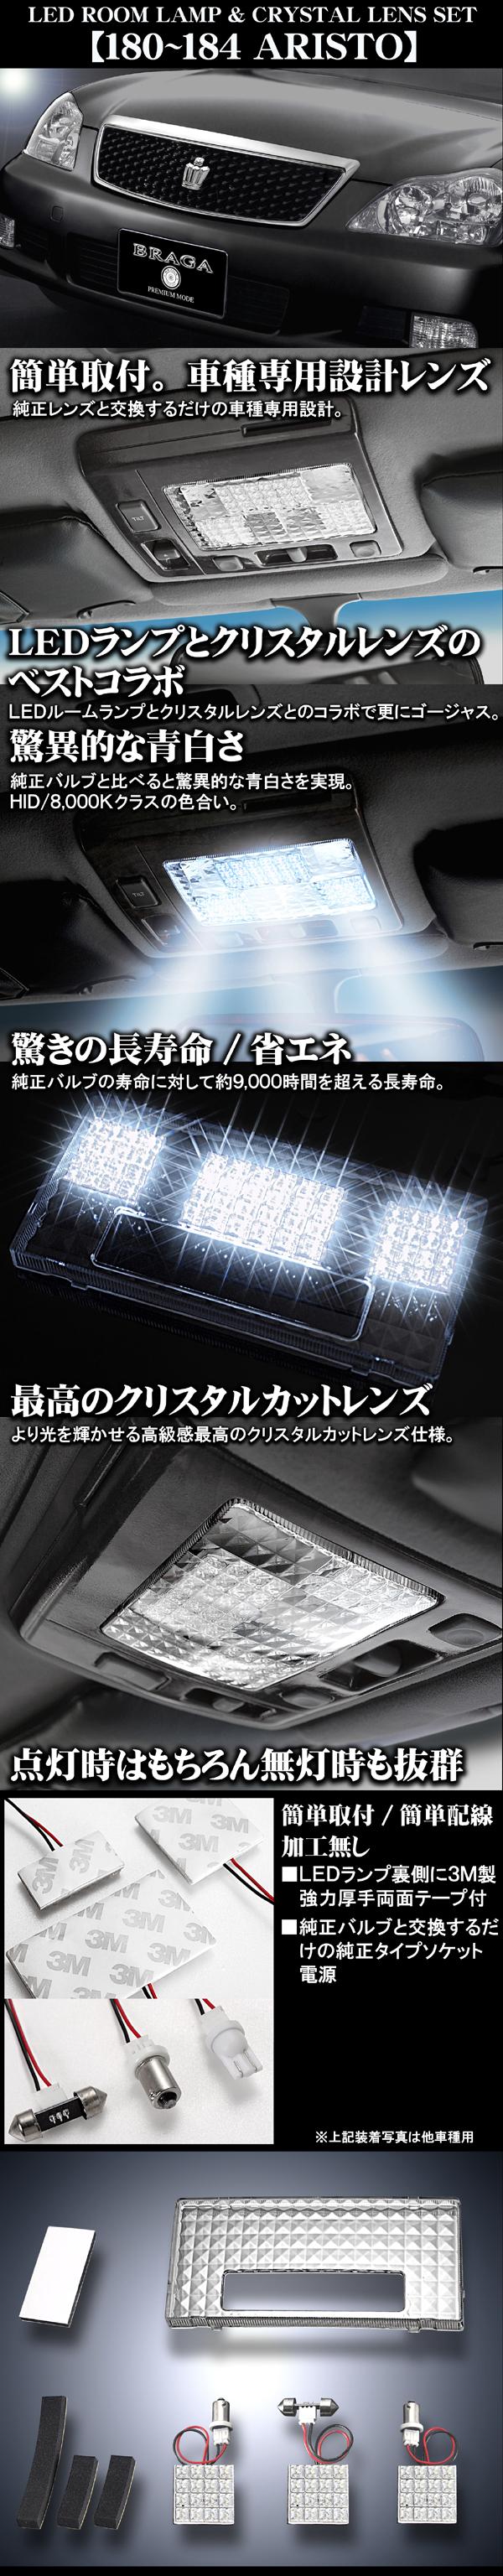 【180/181/182/183/184クラウン《前期》[ノーマル車]LEDルームランプ+クリスタルレンズ《4点セット/LED合計48発》取付パーツセット】